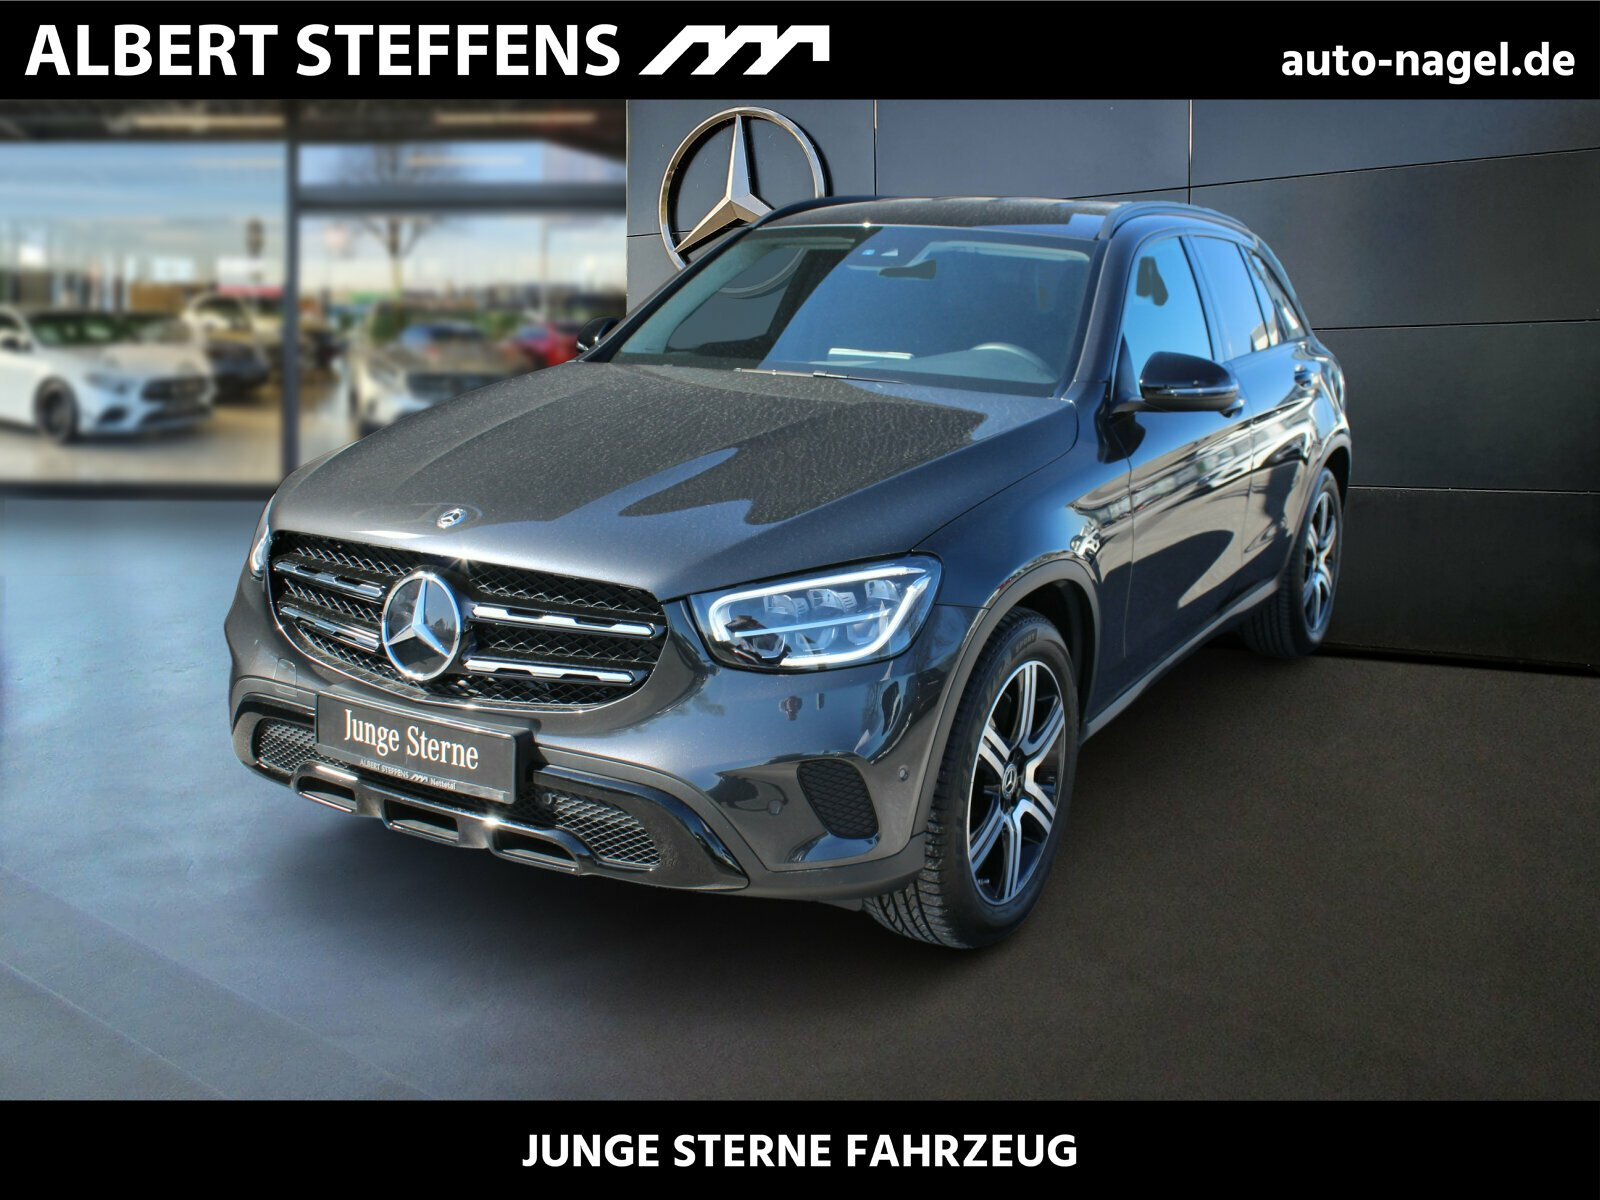 Mercedes-Benz GLC 200 4M Night.Pkt Ambiente+Sitzh+Kamera+LED, Jahr 2019, Benzin